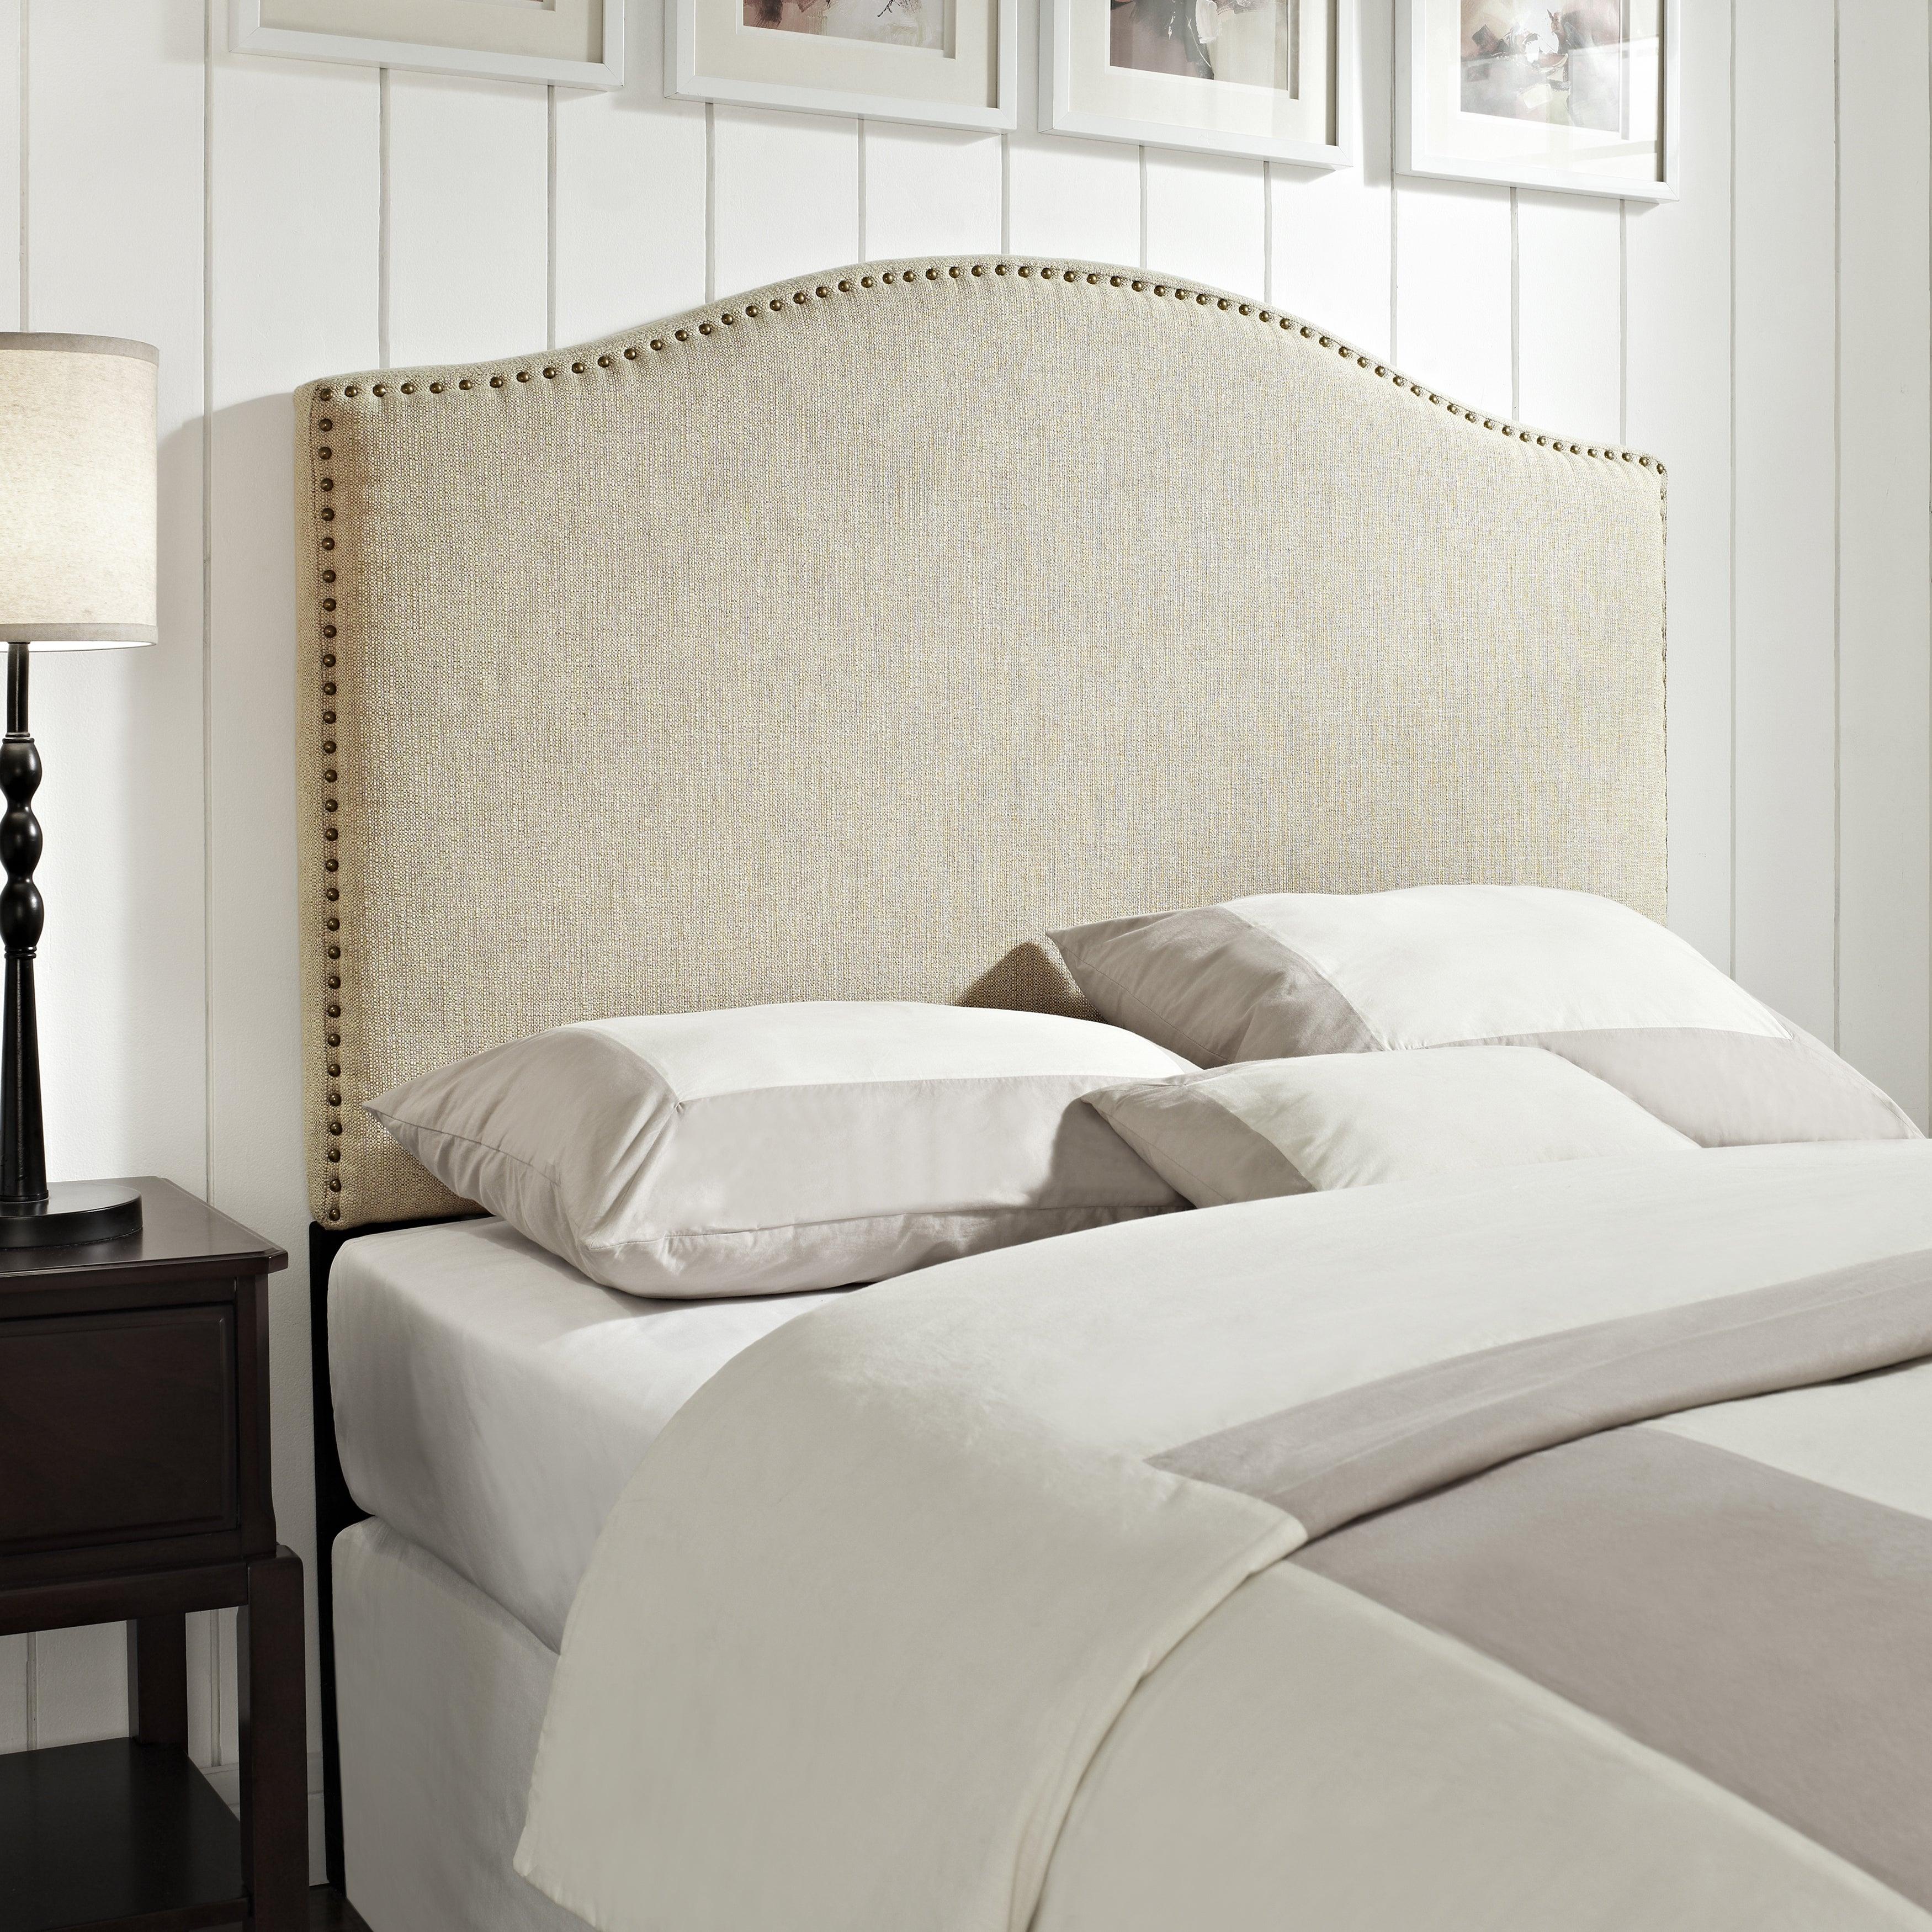 Linen Queen/Full Size Upholstered Headboard, Beige Off-White